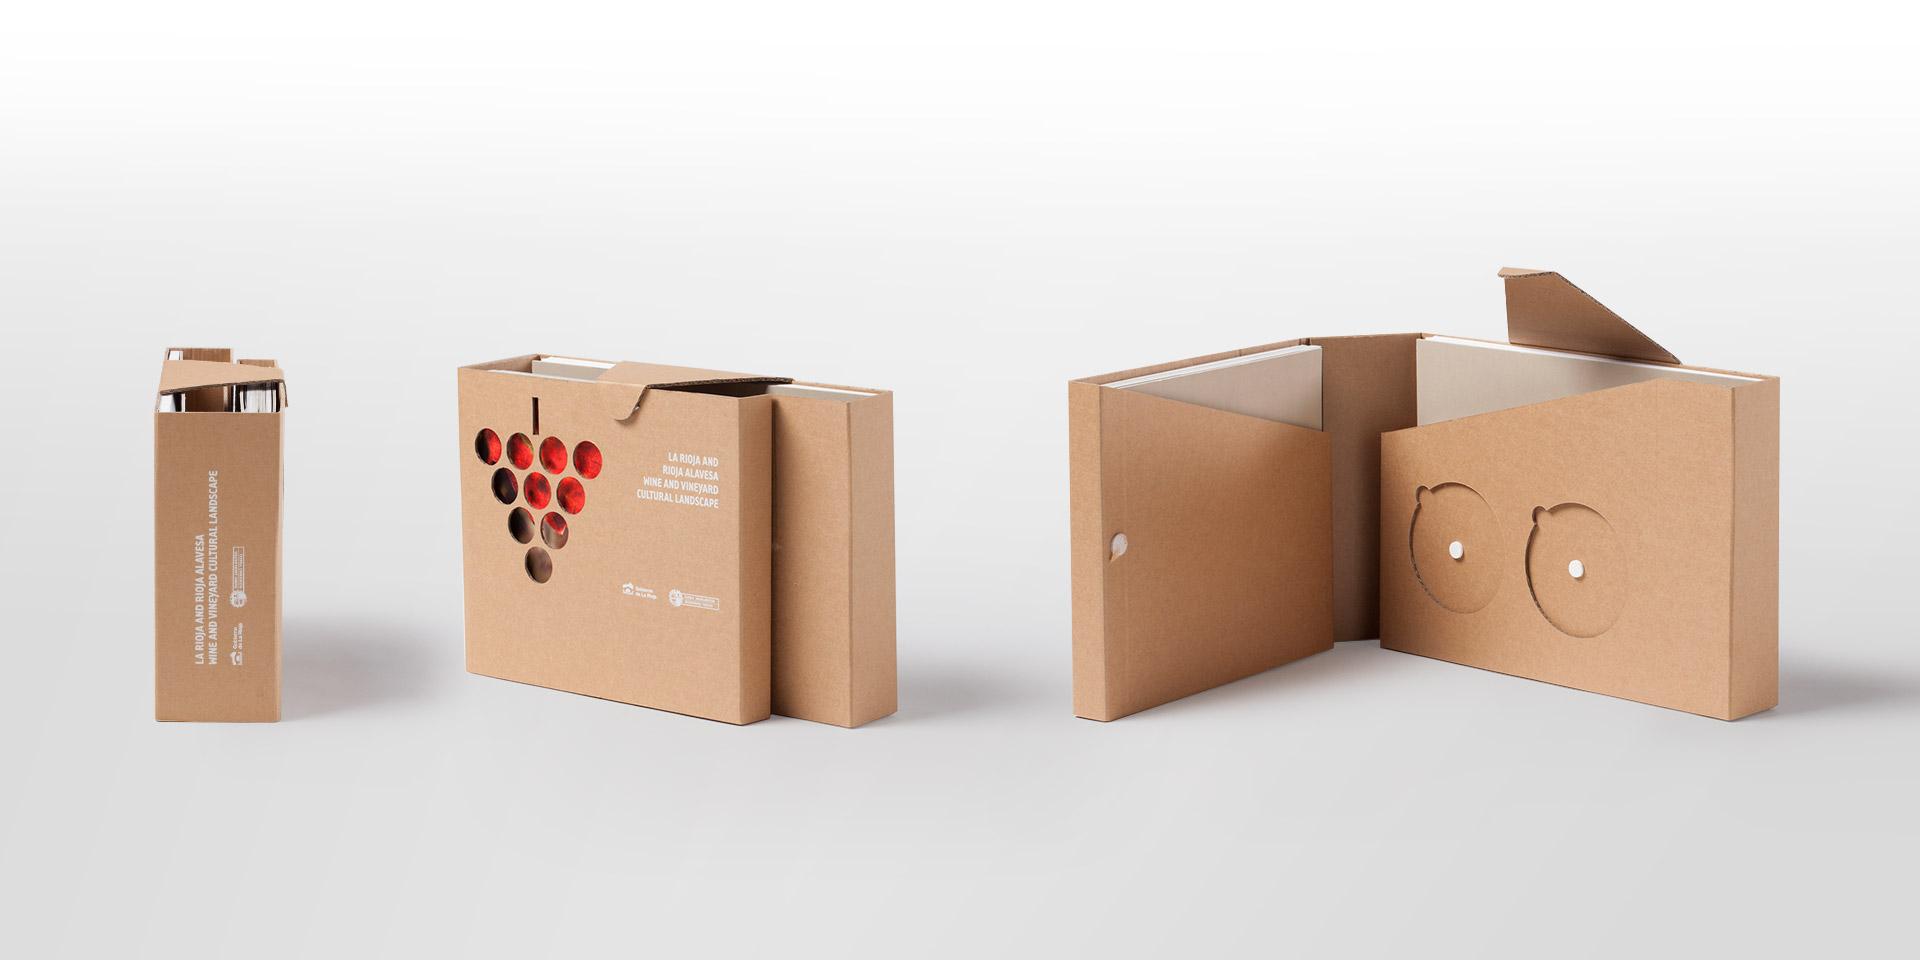 Diseño packaging contenedor dossieres